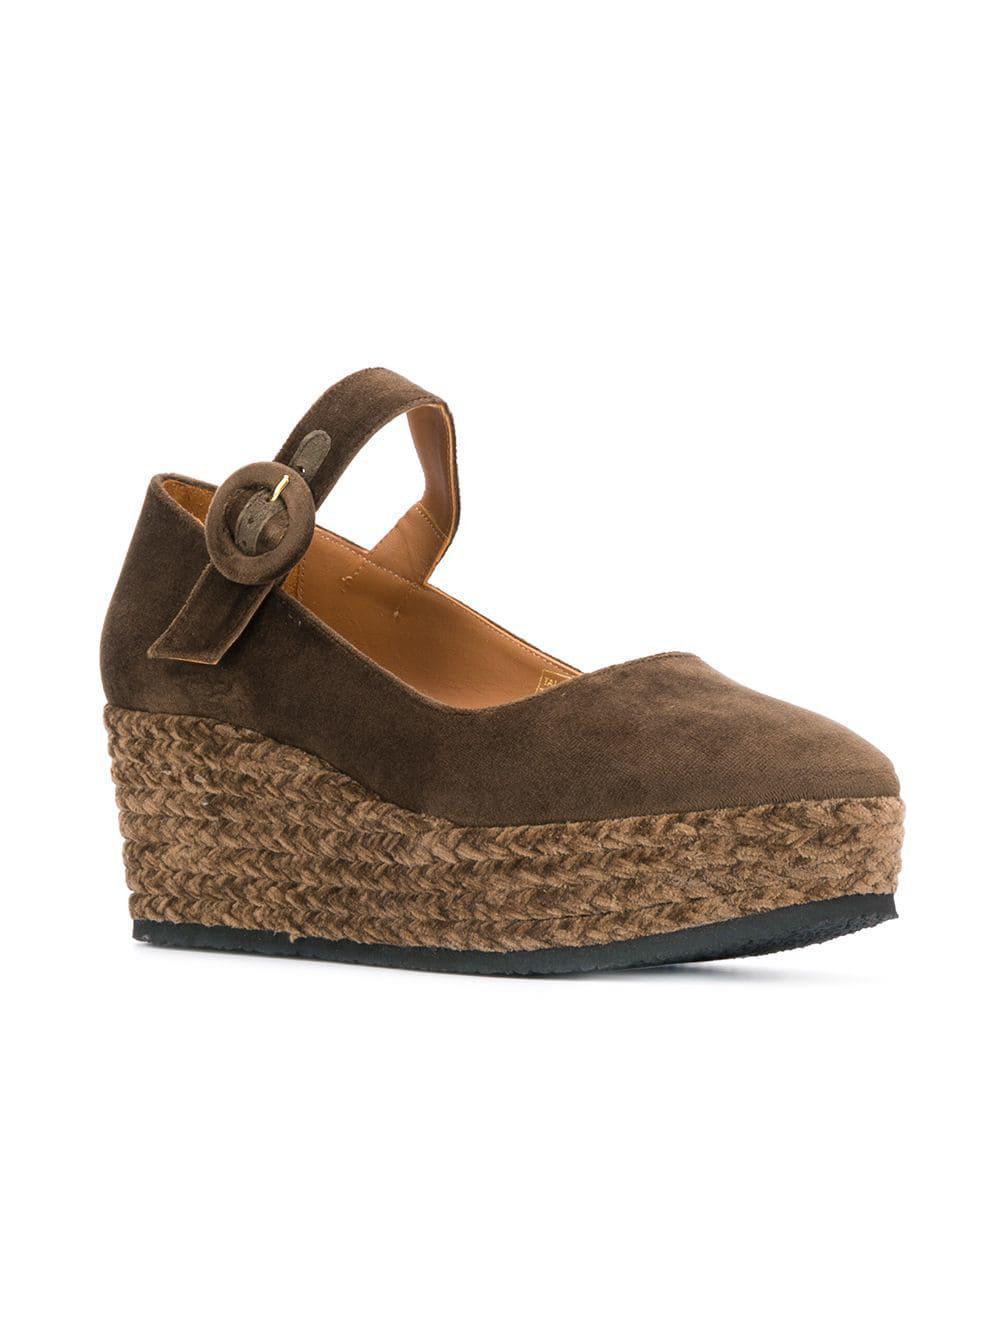 d1a7021f84f Castaner - Brown Wedge Sandals - Lyst. View fullscreen